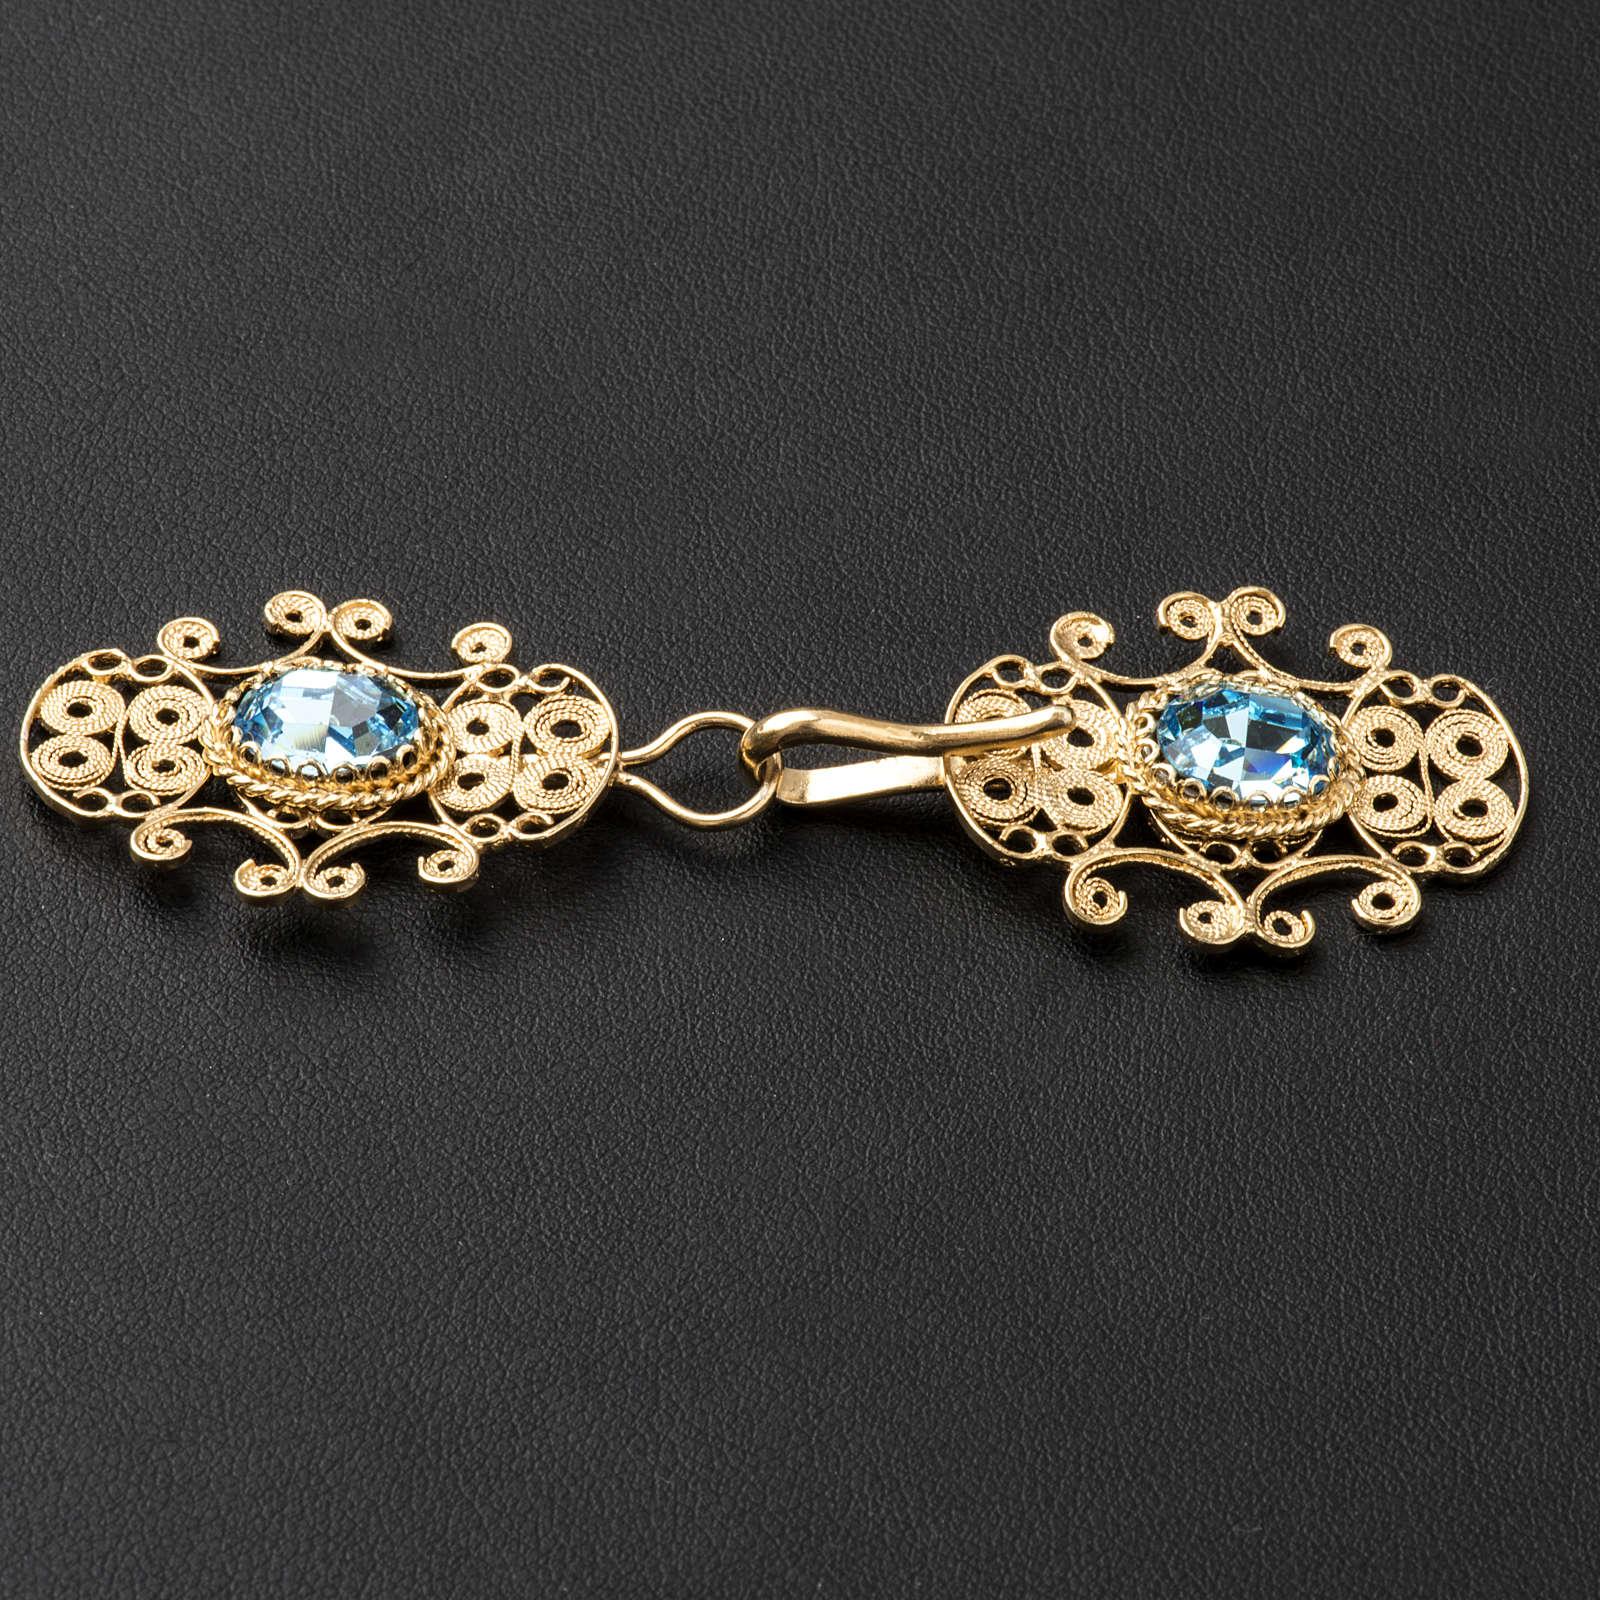 Accroches de chape filigrane argent 800 pierrse bleu cierl 4